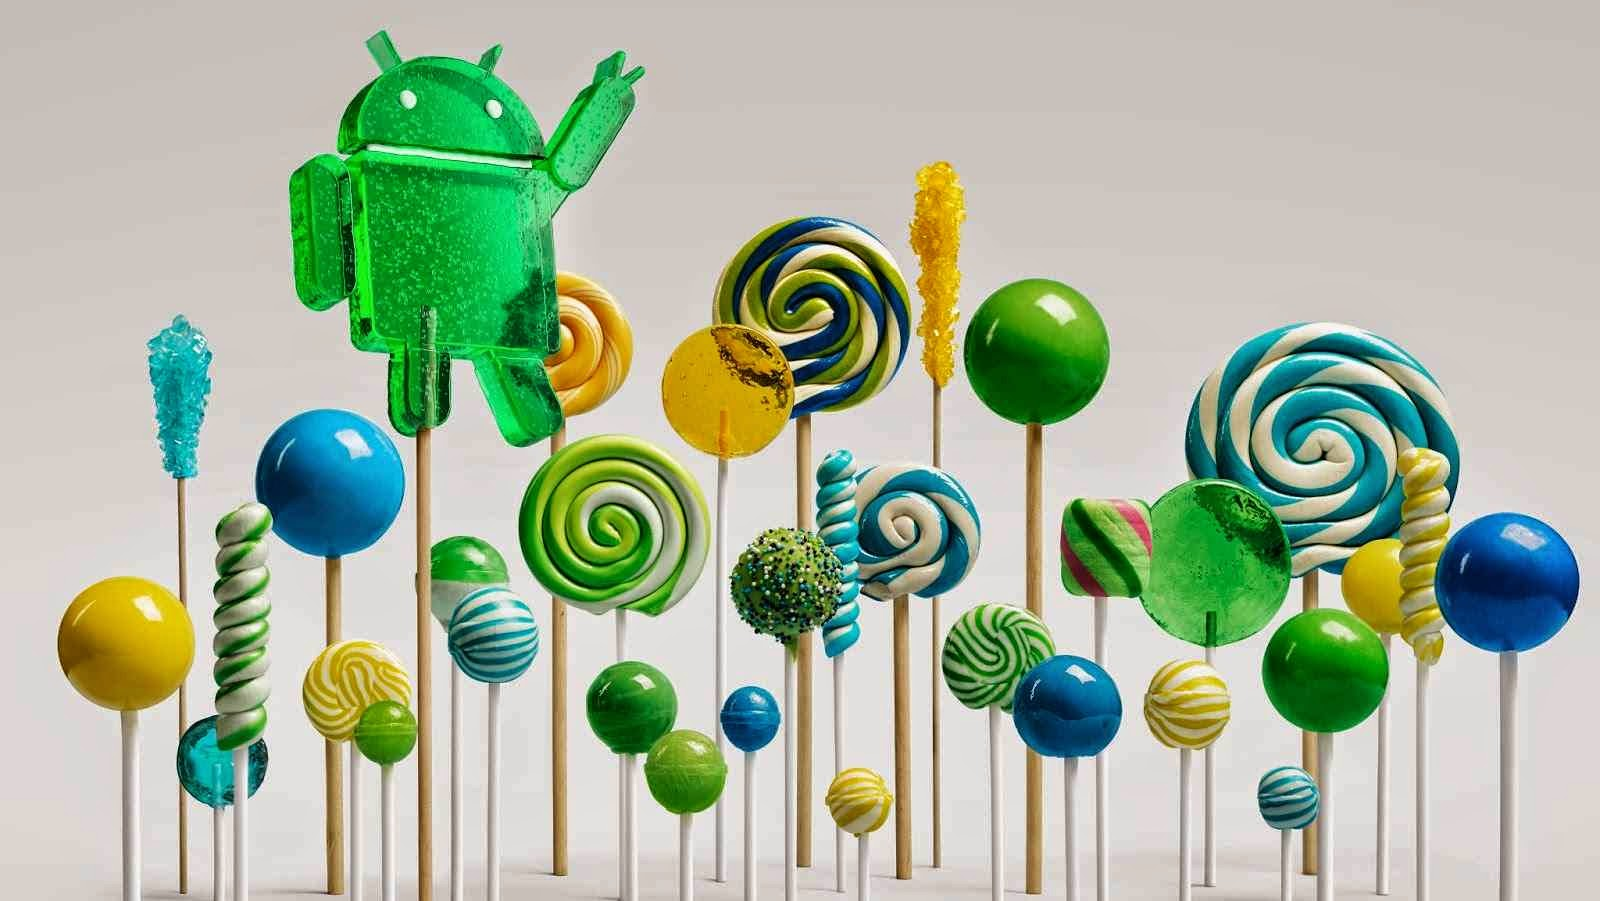 האם הטלפון שלכם יזכה לסוכריה החדשה של גוגל? מקור: Google